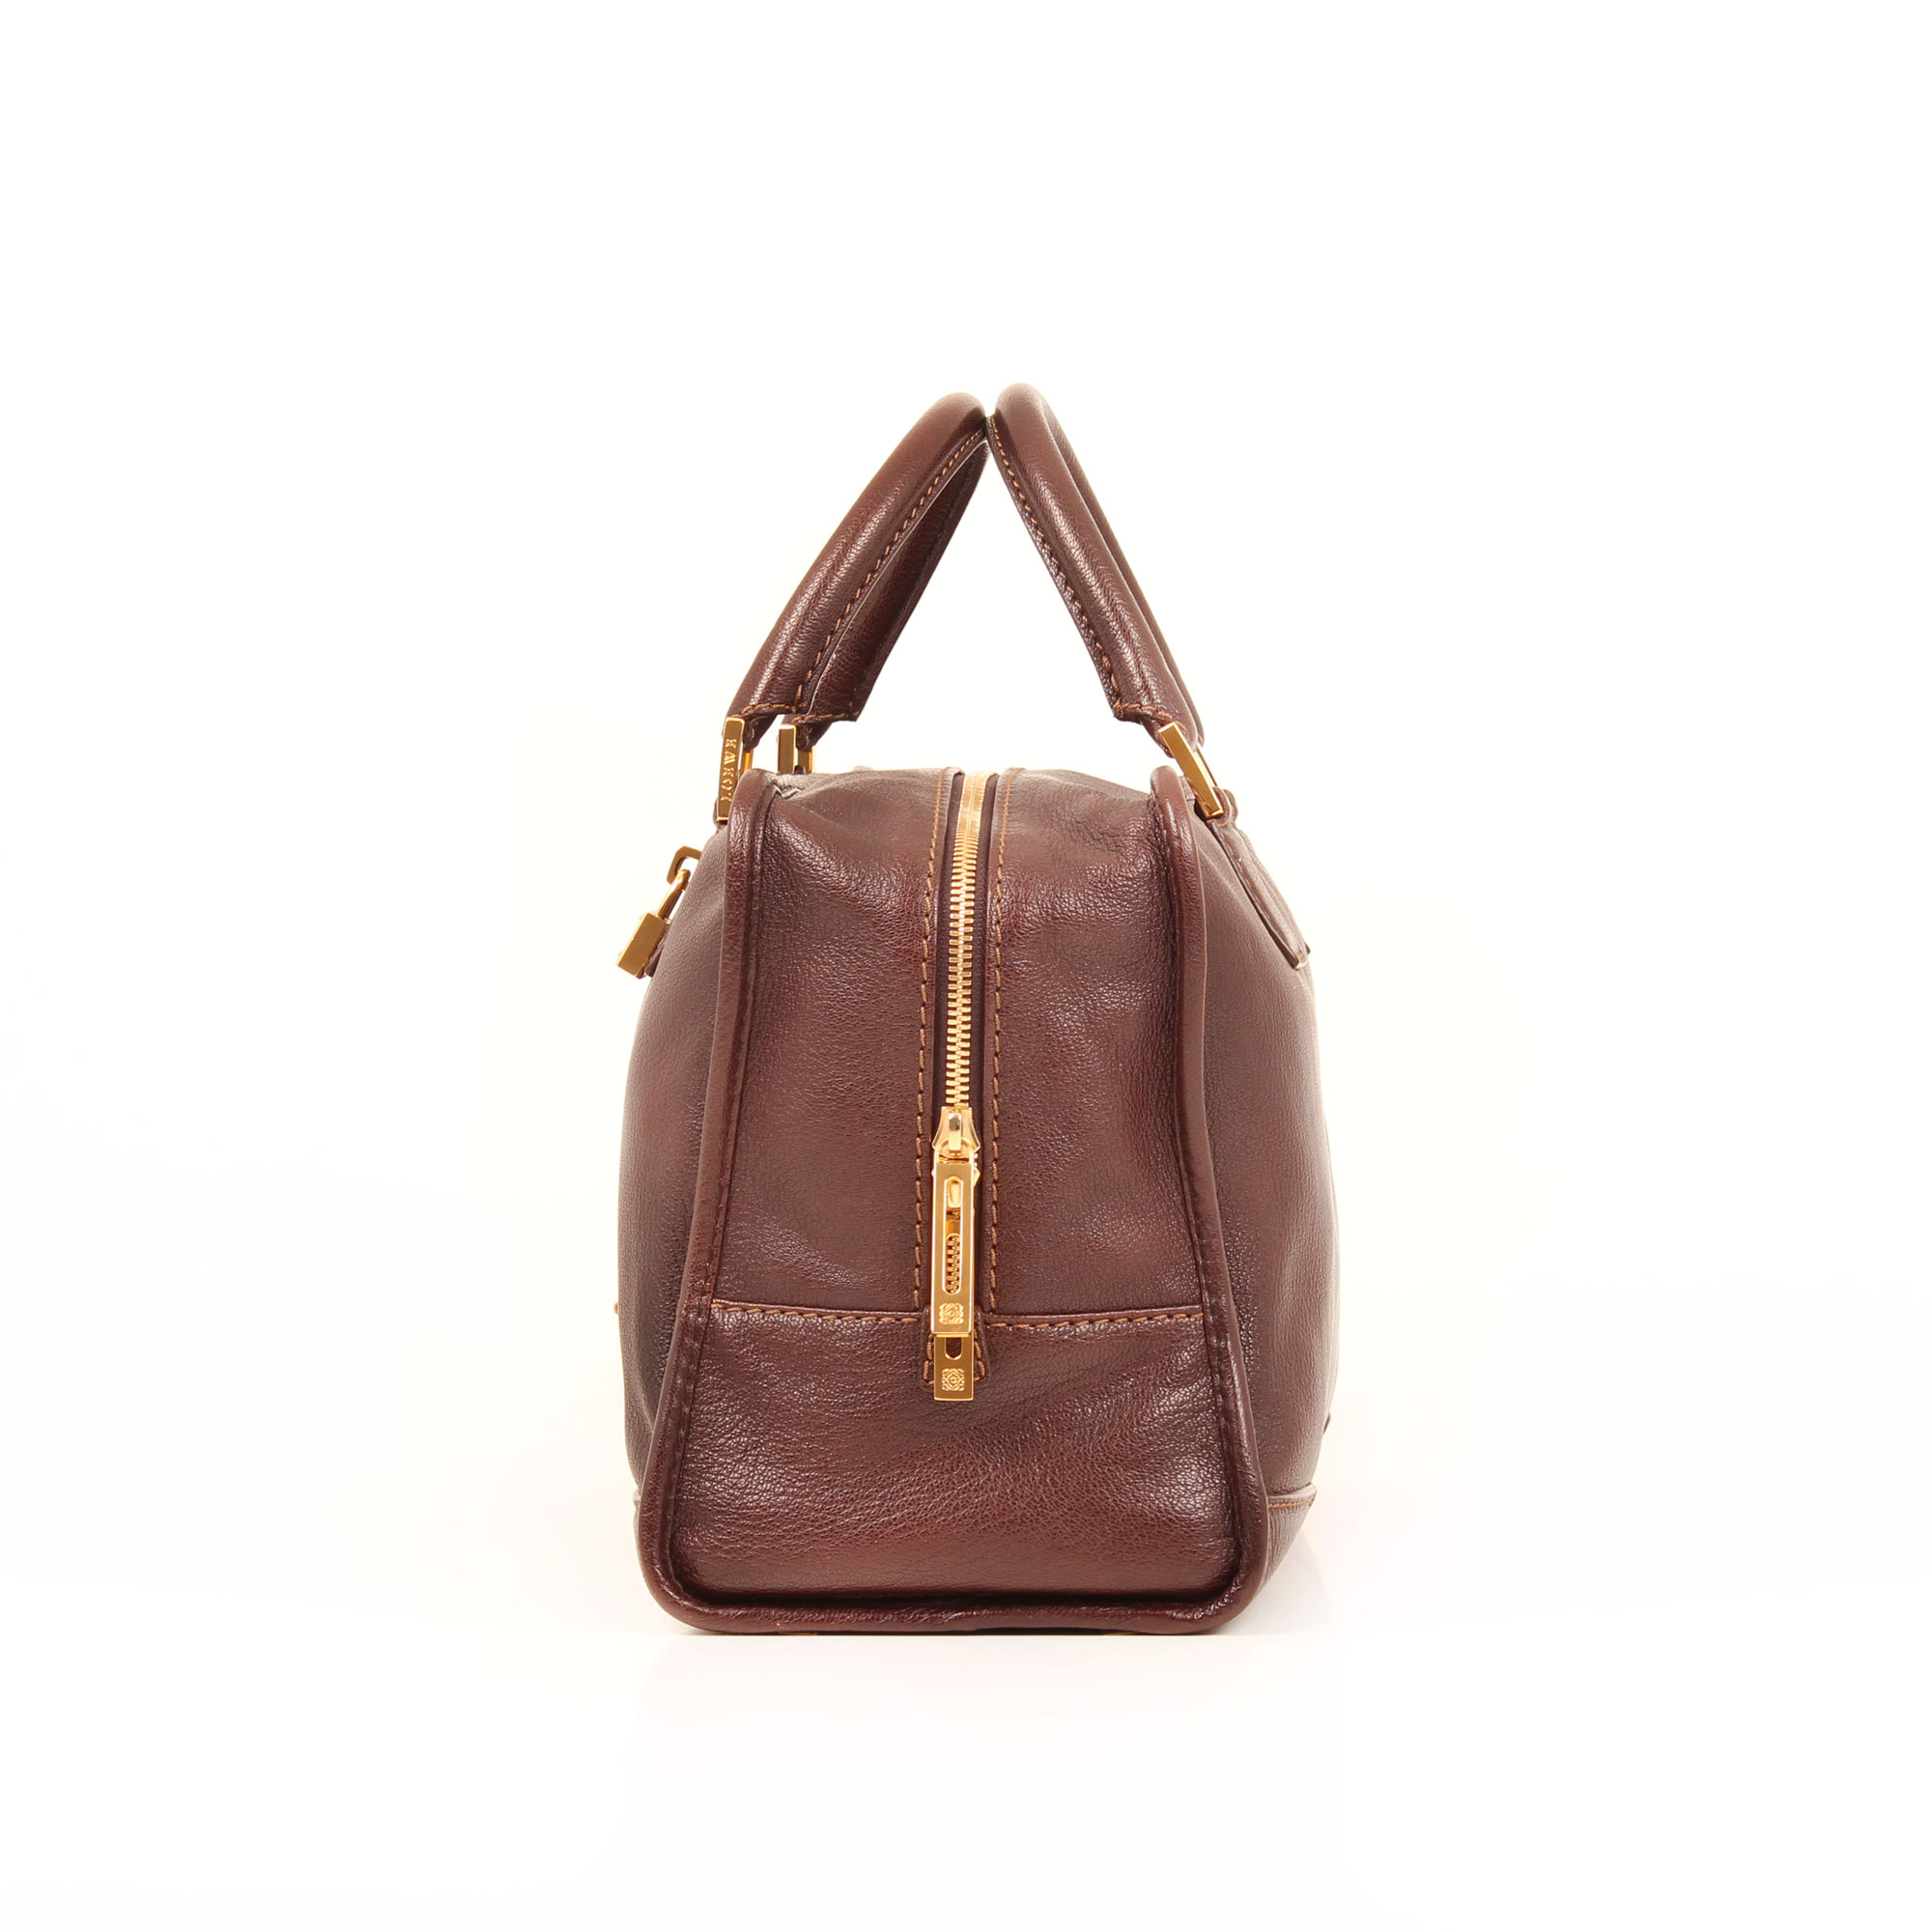 handbag-loewe-amazona-36-leather-brown-side